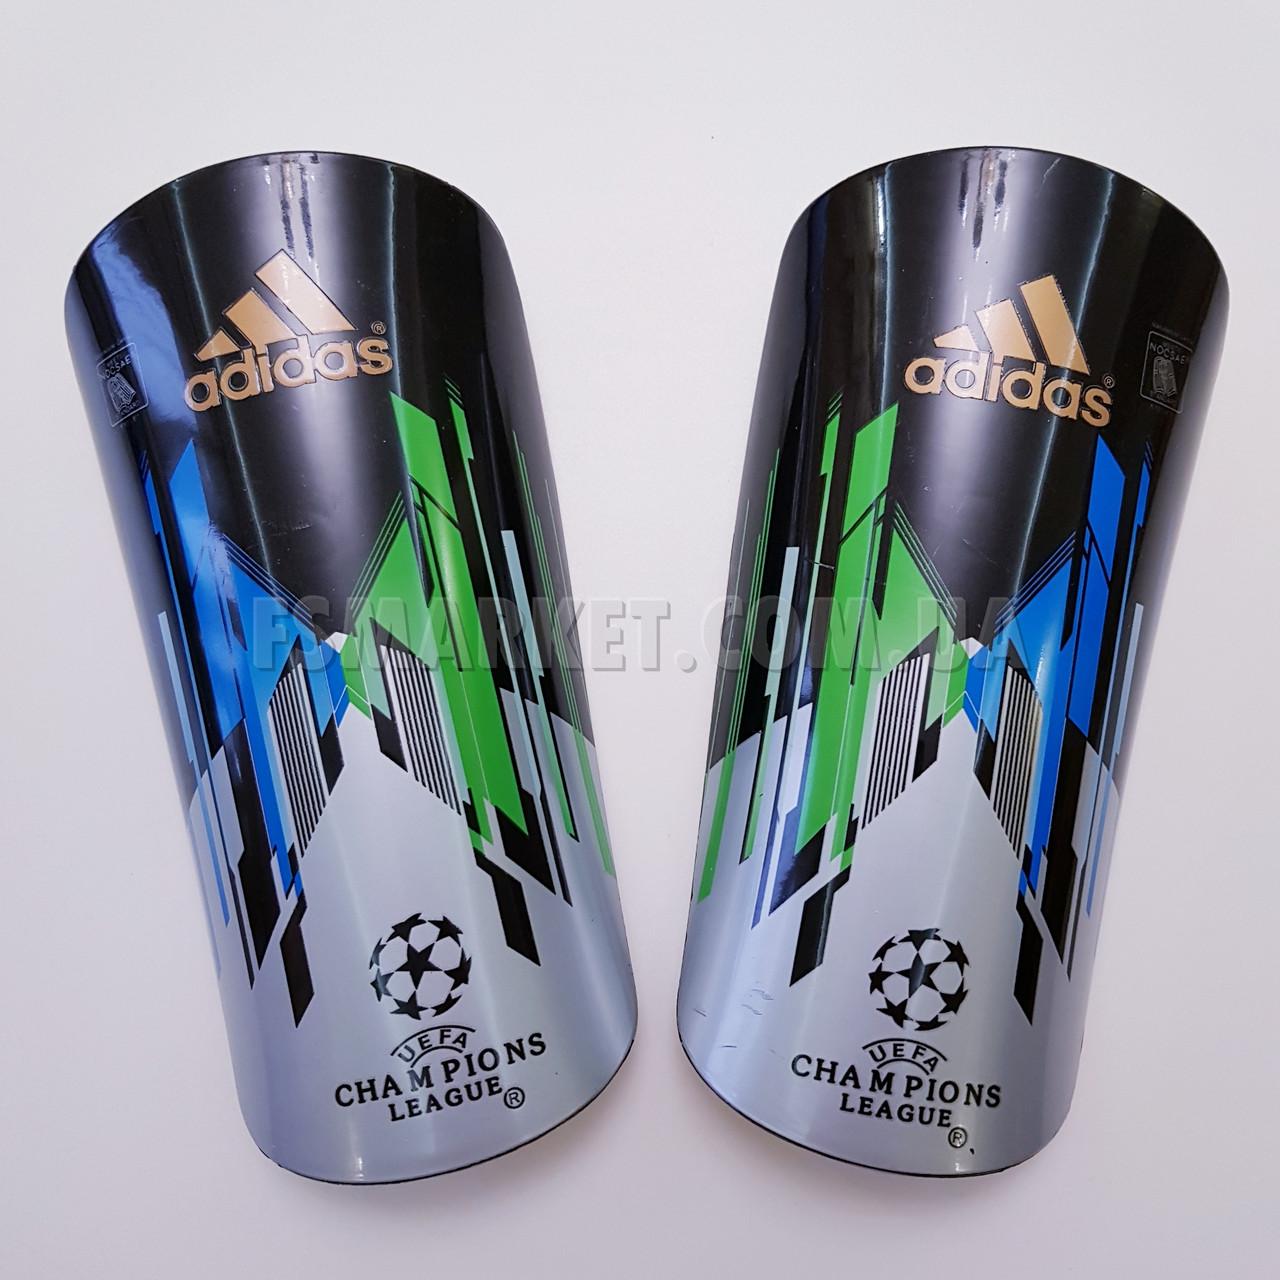 Щитки футбольные Adidas Messi Liga Champions - Football Star Market в Одесской области